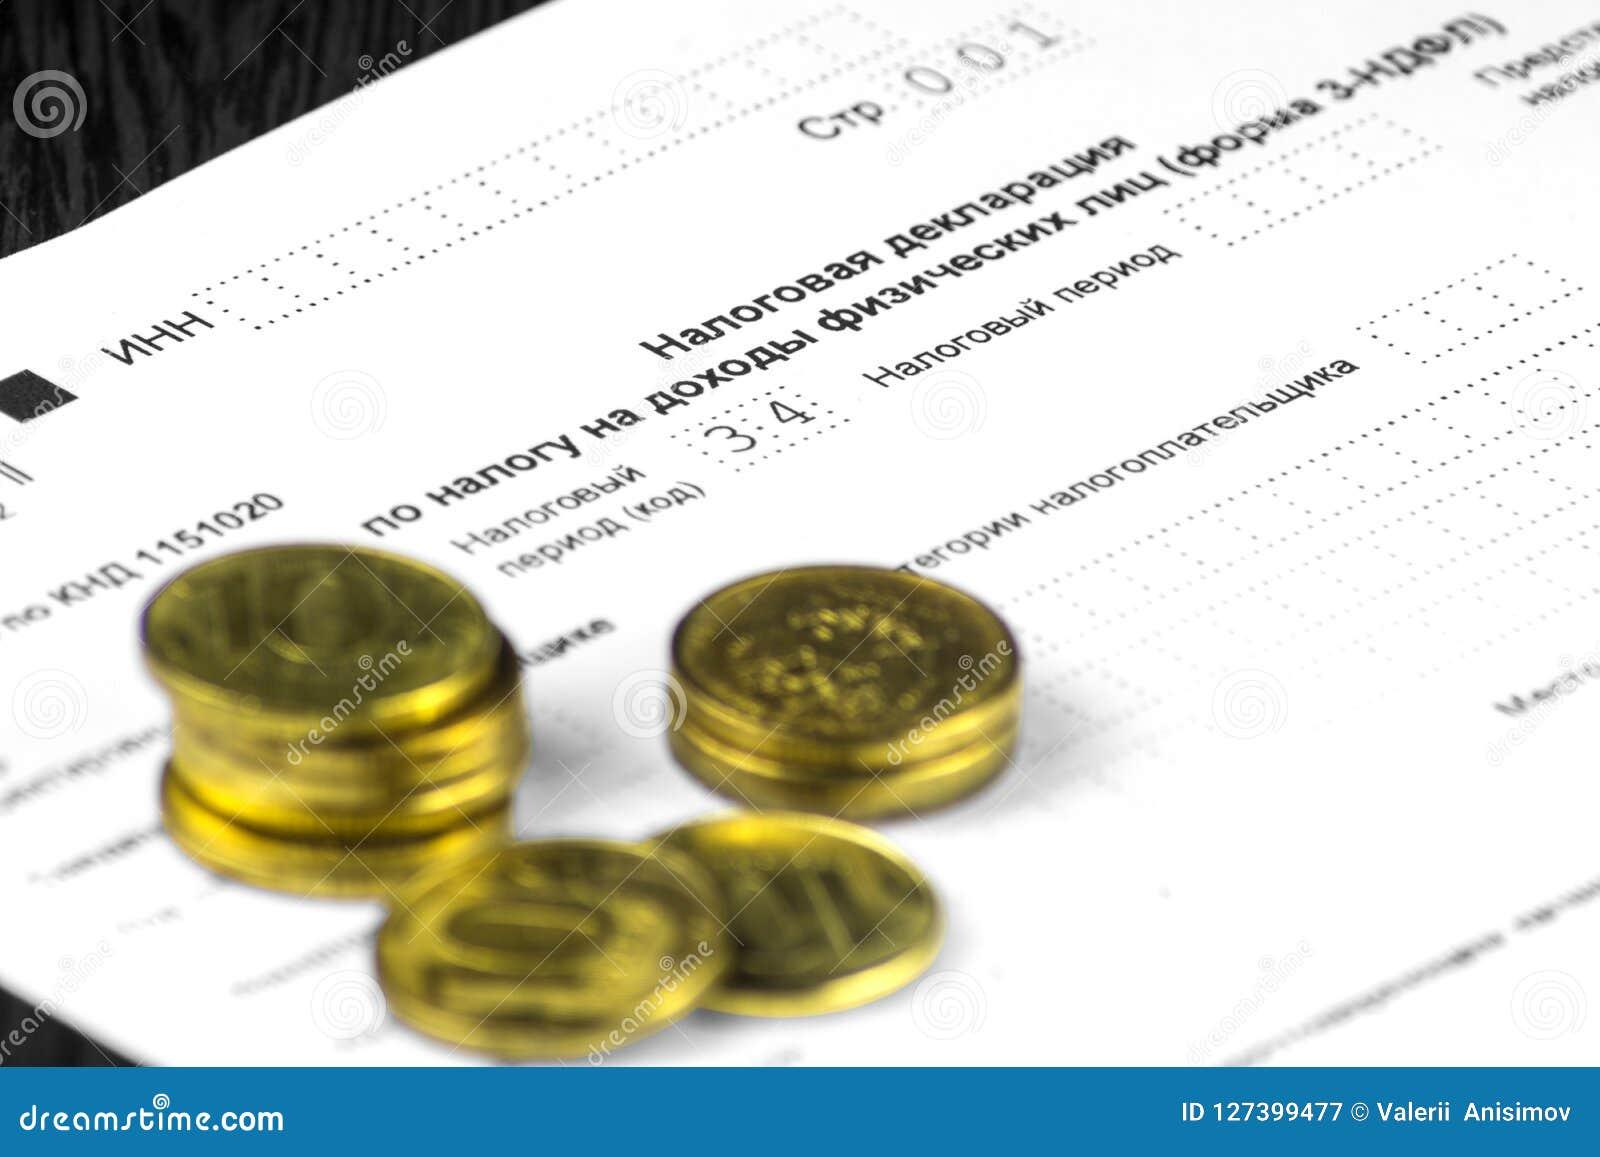 Declaración de impuestos anual rusa de impuestos de individuos La forma 3-NDFL Algunas monedas rusas están en la hoja de la decla